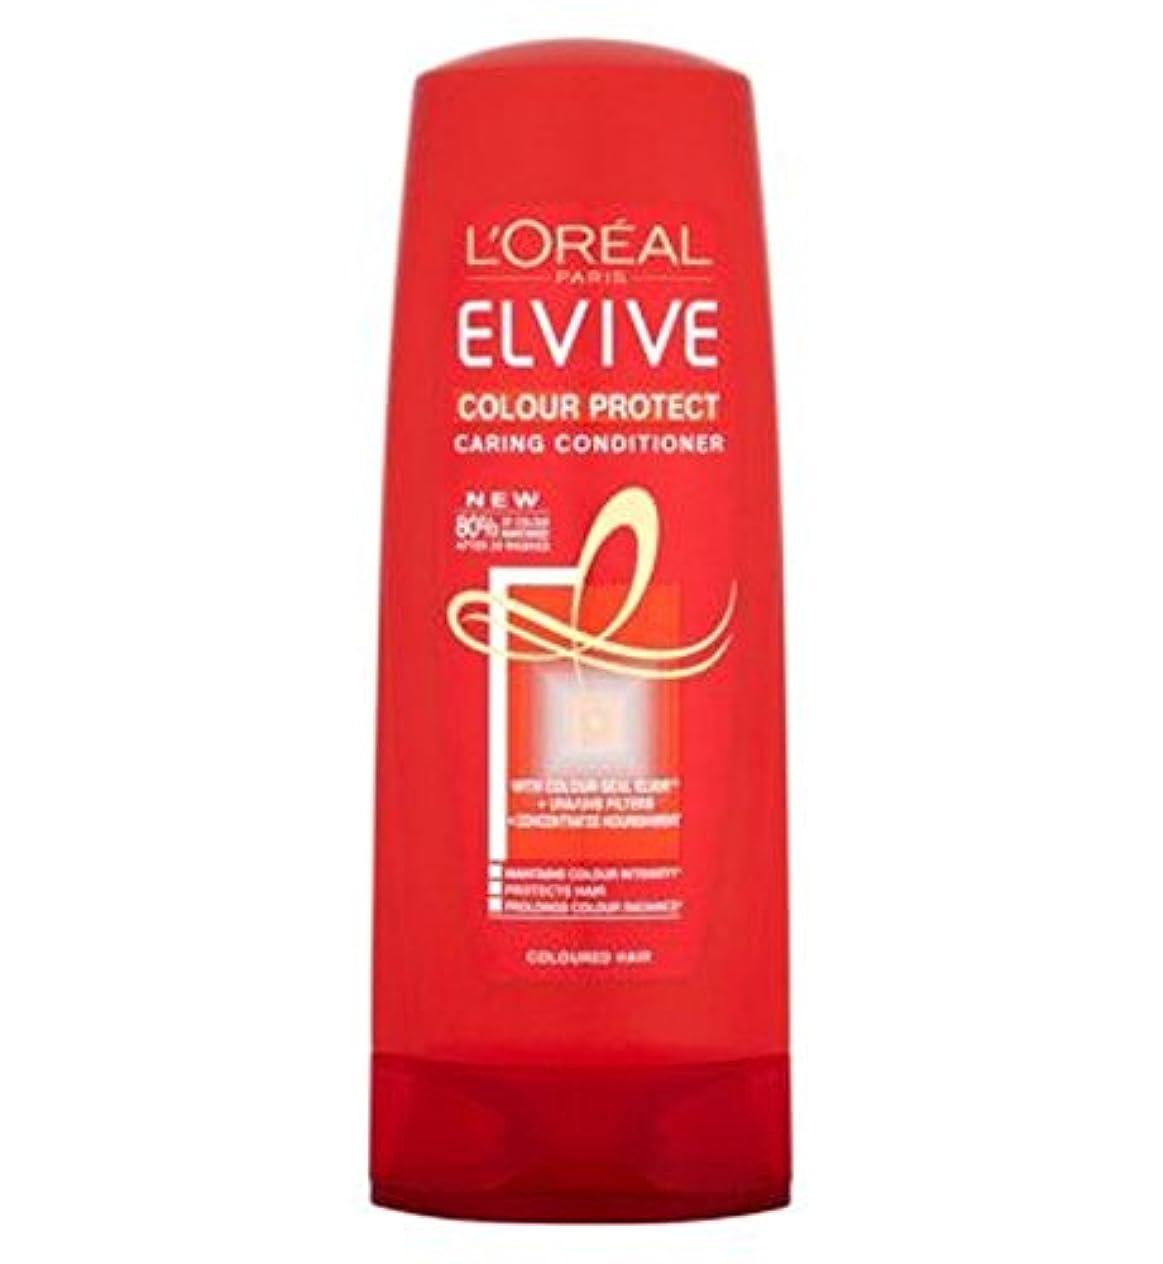 スライス忌避剤パプアニューギニアL'Oreall Elvive Colour Protect Conditioner 400ml - L'Oreall Elviveカラーコンディショナー400ミリリットルを保護 (L'Oreal) [並行輸入品]